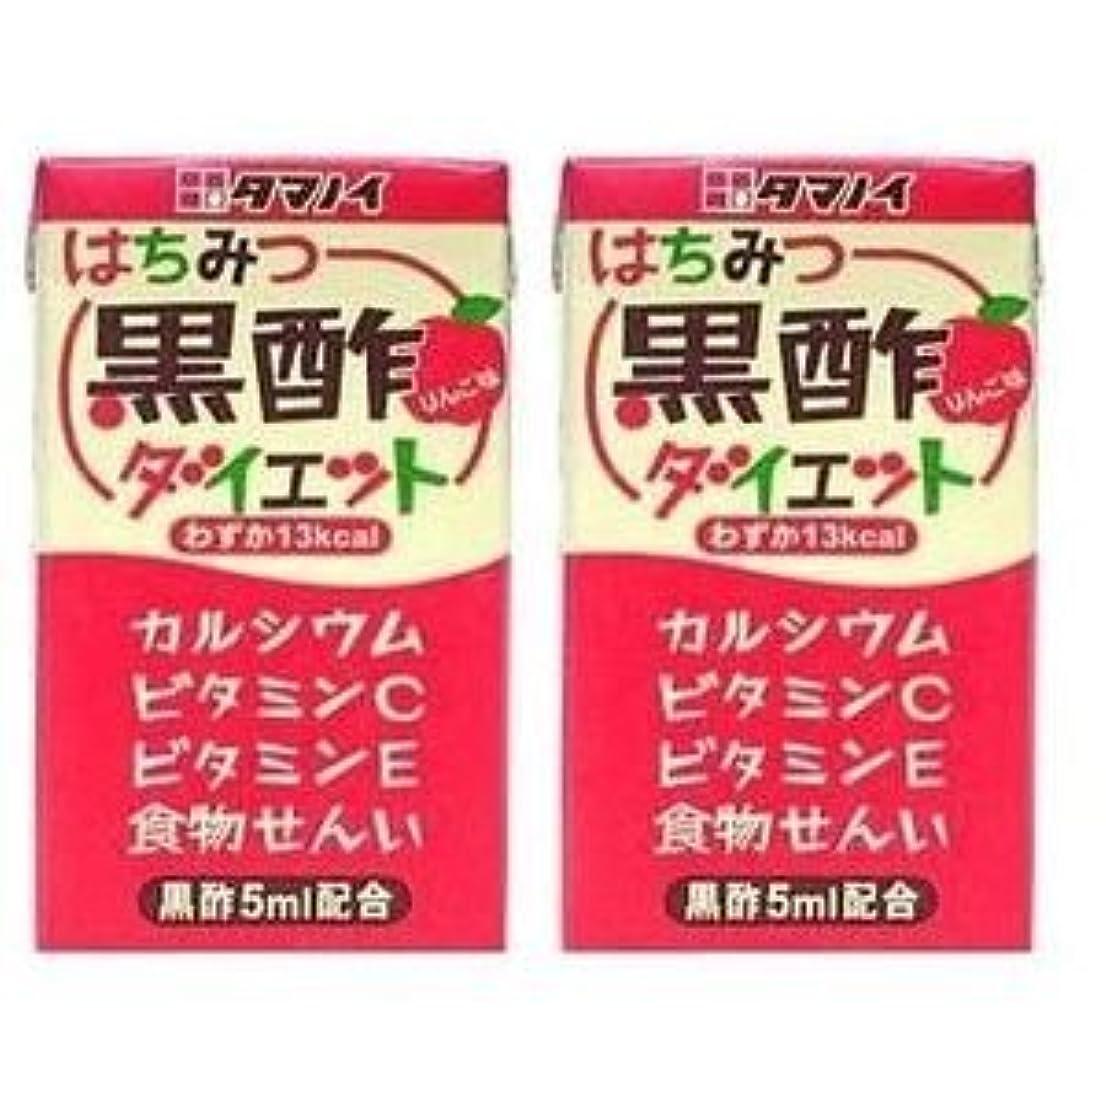 チョーク熟す社交的はちみつ黒酢ダイエットLL125ML0 タマノ井酢(株)